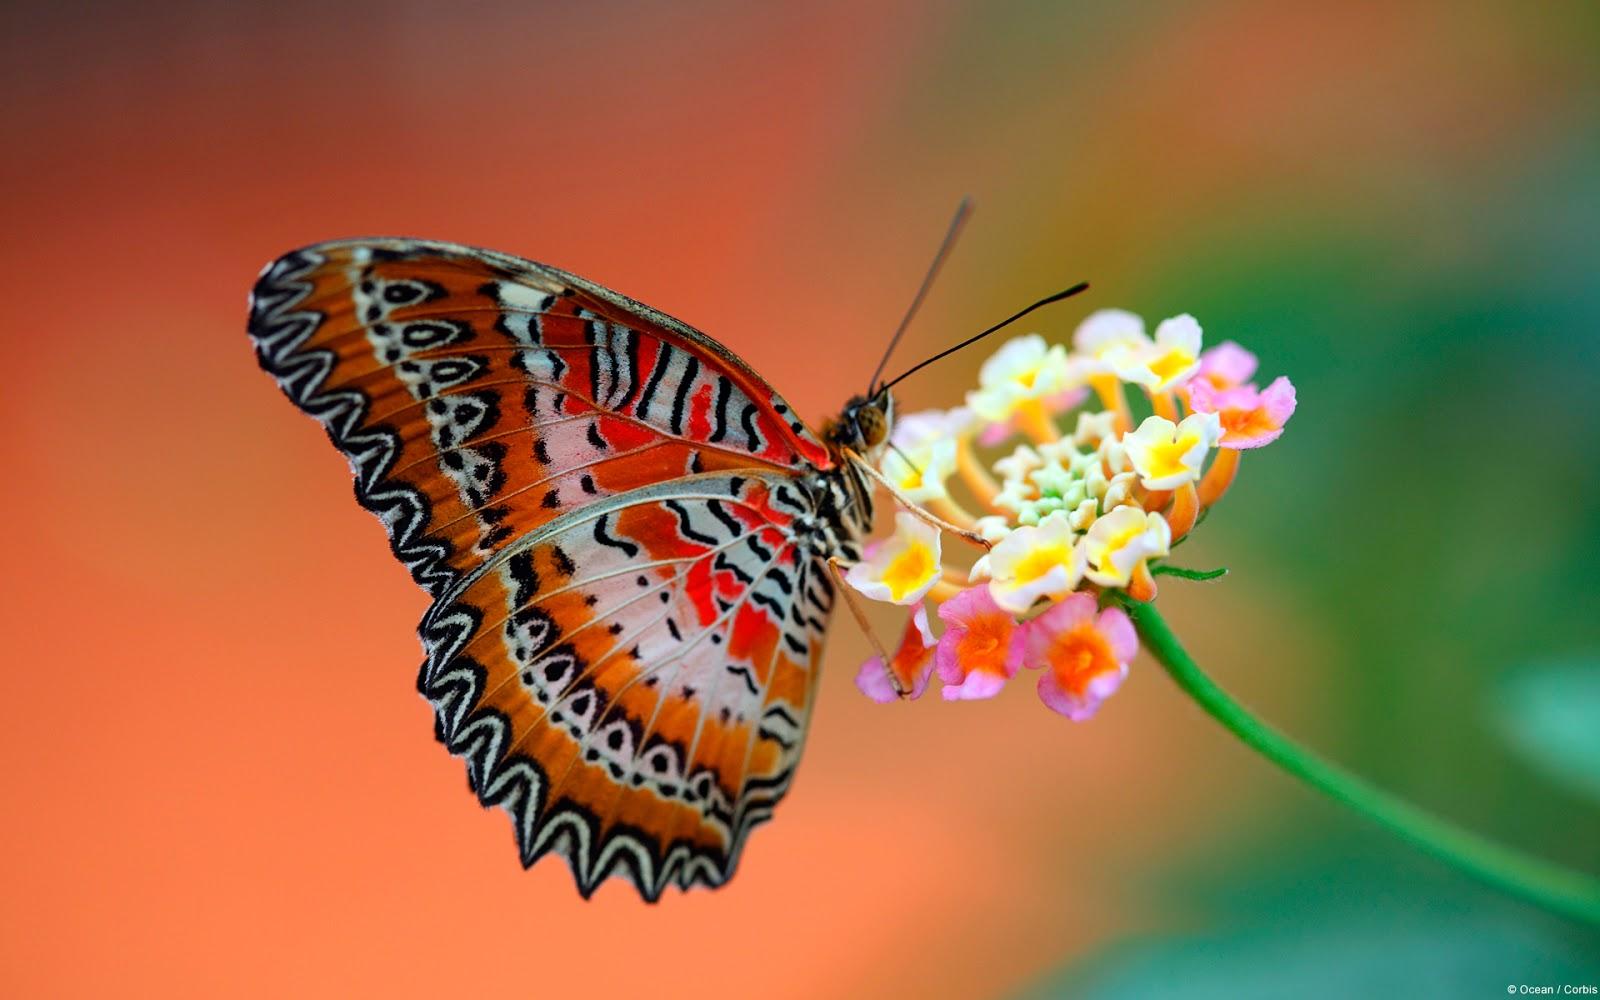 http://4.bp.blogspot.com/-gbU55DPskKE/UI0hfAl-75I/AAAAAAAAAEo/CMGYc-JDg0o/s1600/butterfly_on_flower-wallpaper.jpg